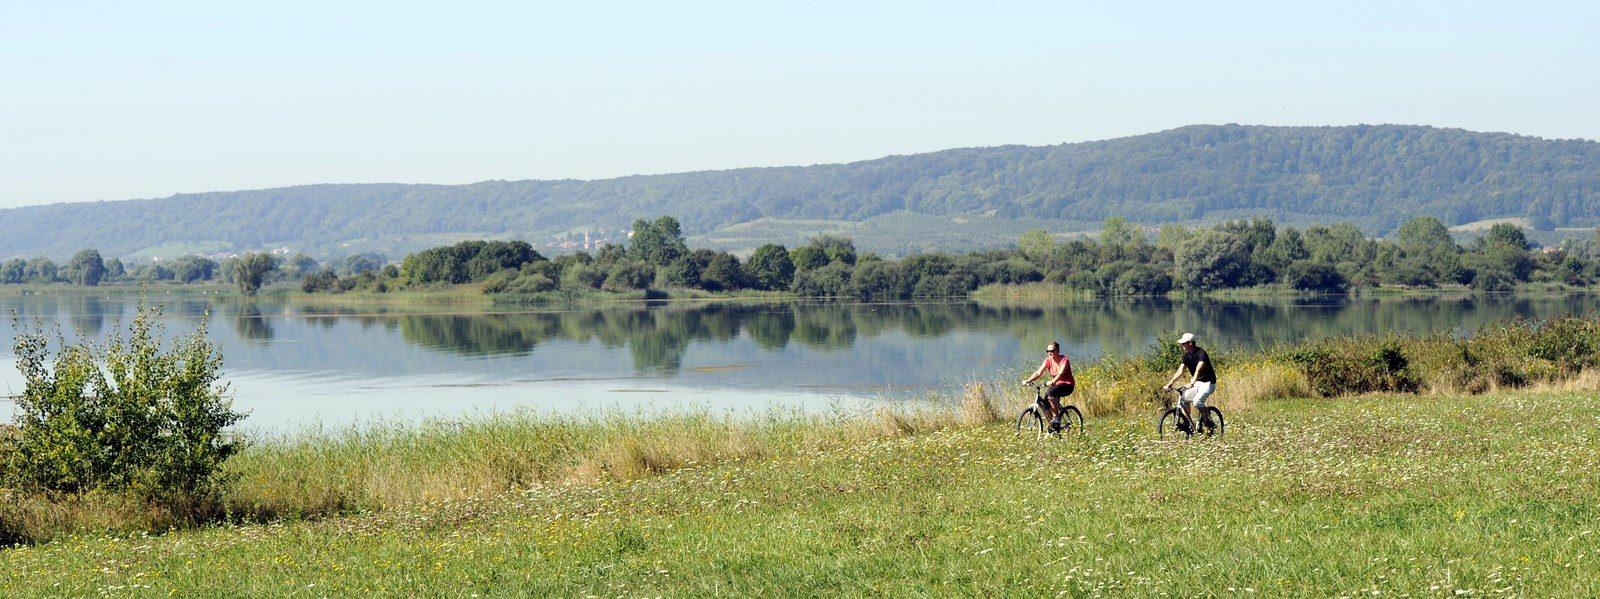 Les côtes de Meuse et le lac de Madine